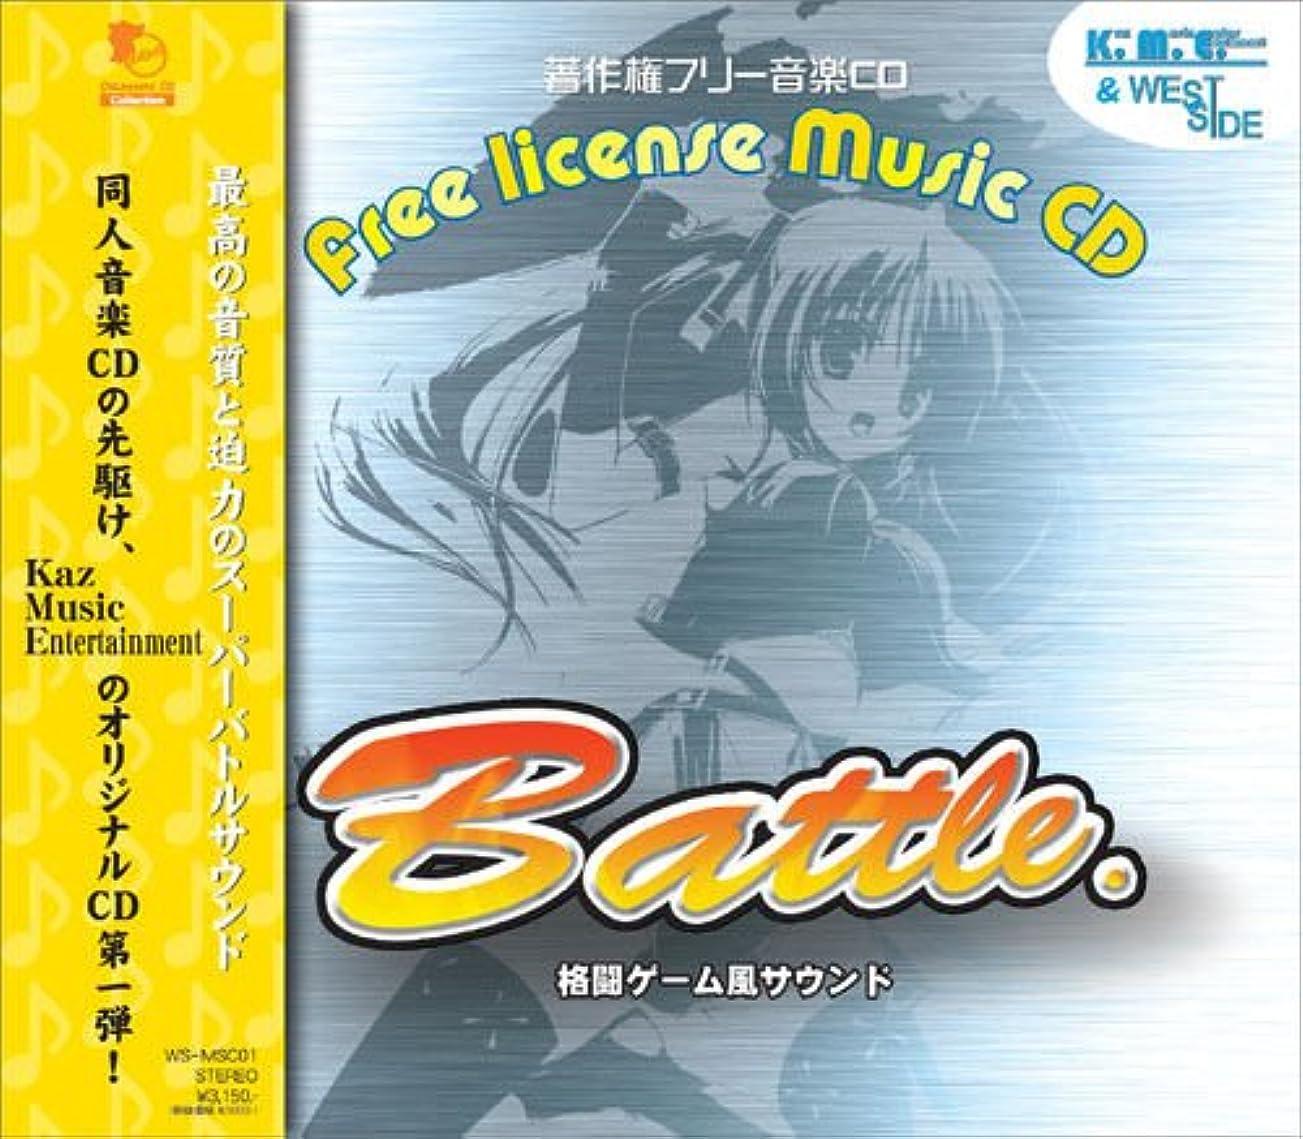 イソギンチャク忍耐を通して著作権フリー音楽CD 「Battle.」格闘ゲーム風サウンド